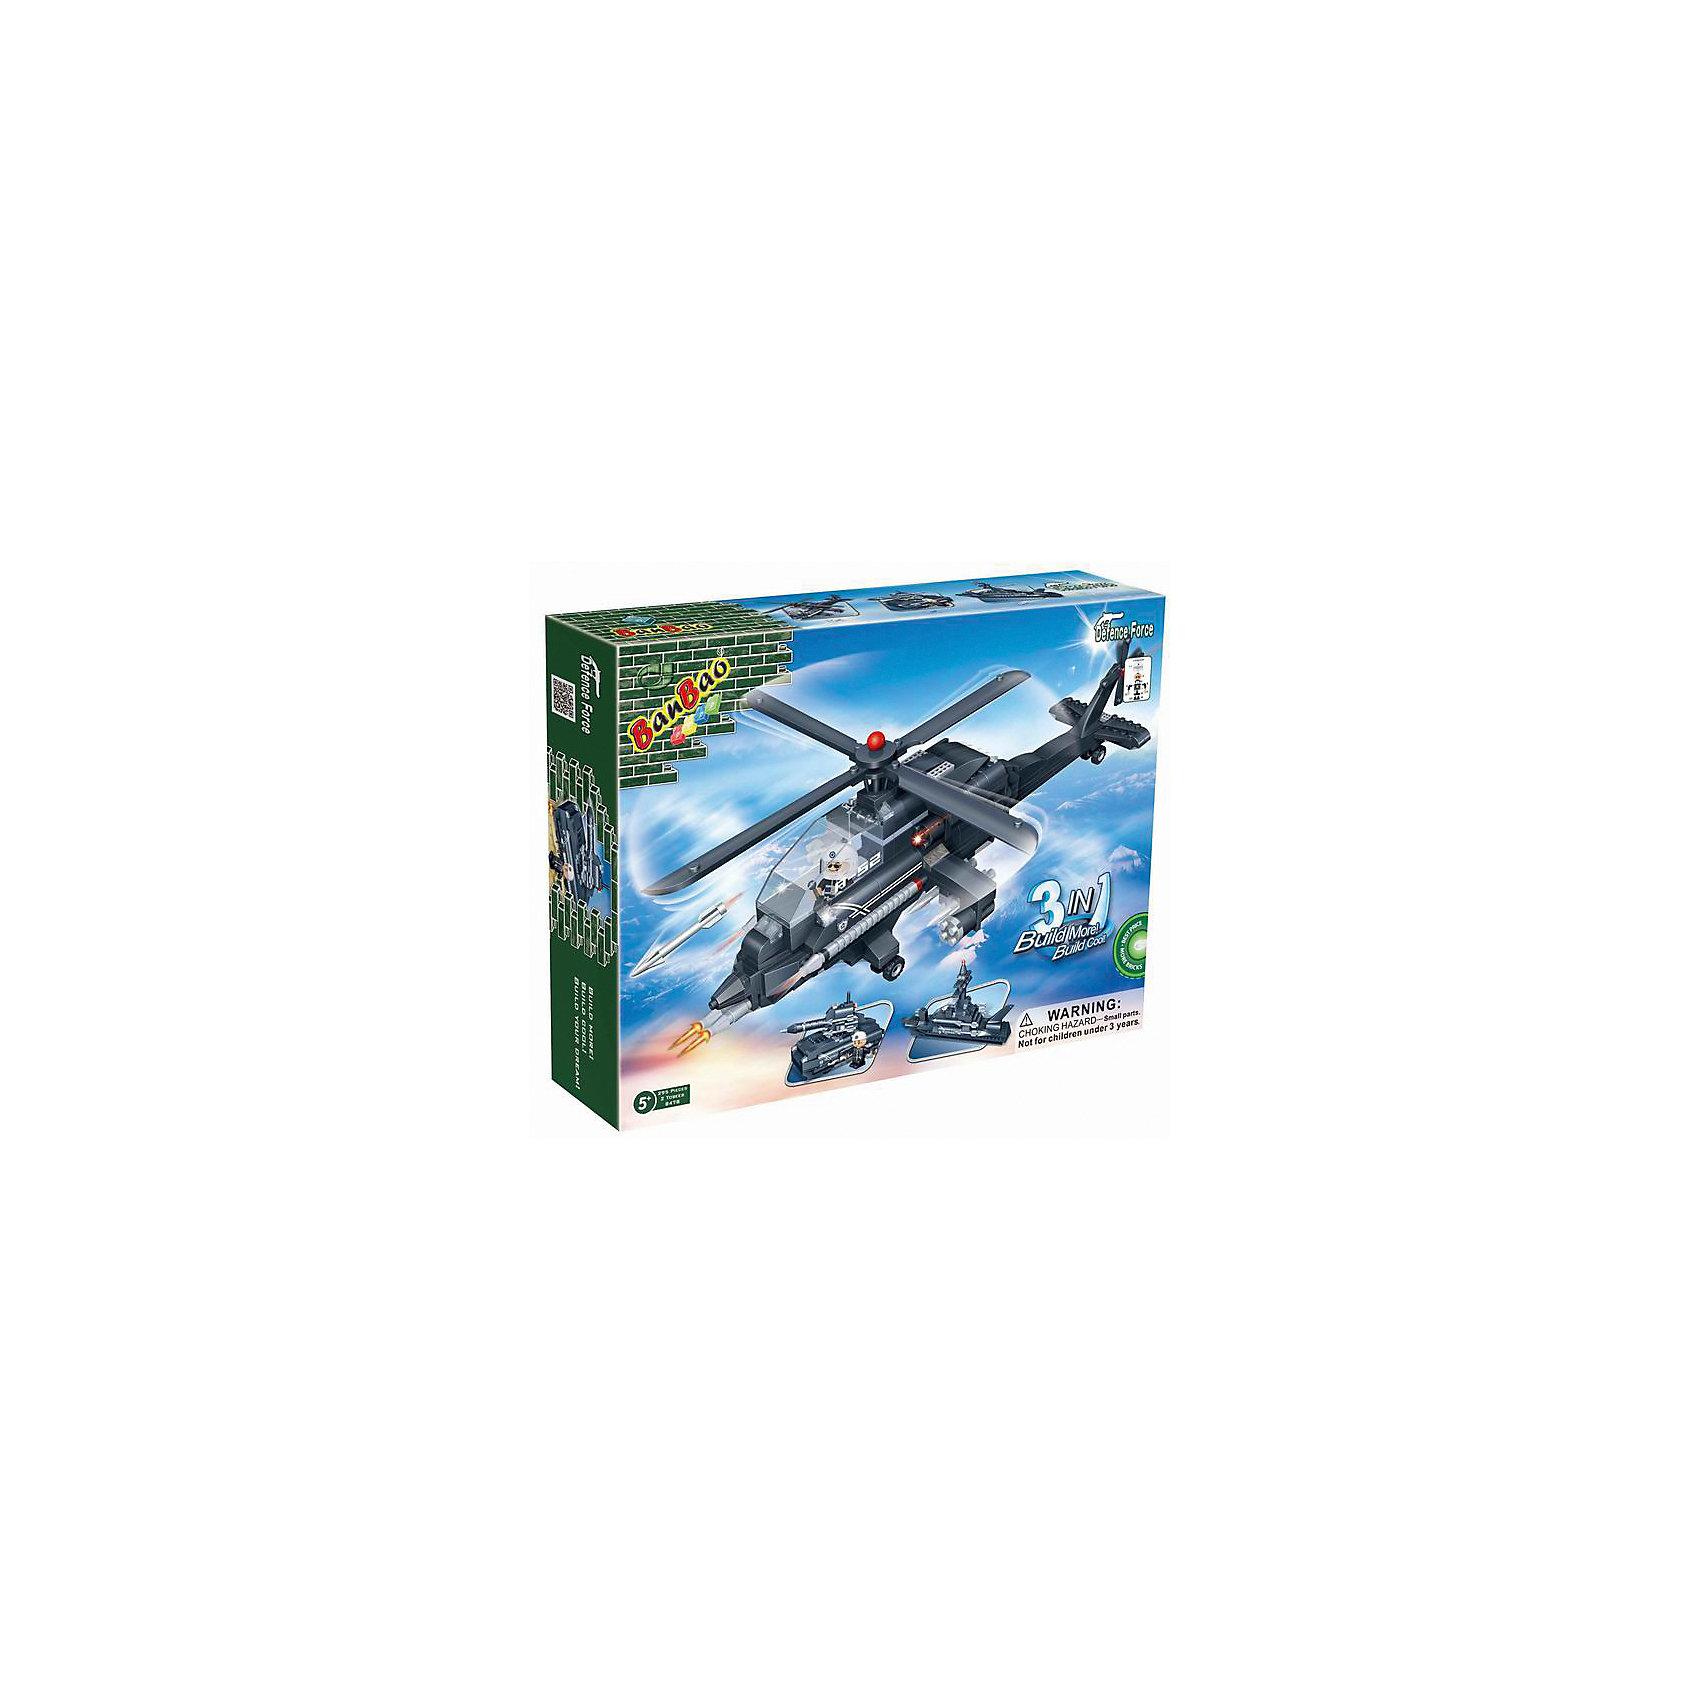 Конструктор 3 в 1: вертолет, танк, корабль,  BanBaoЭтот набор приведет в восторг любого мальчишку! Конструктор является трансформером, так как из его деталей ребёнок сможет собрать три совершенно разных истребителя. Игрушка обладает высокой детализацией и множеством правдоподобных элементов, что делает игрушку очень интересной для ребенка. Конструирование - увлекательный и полезный процесс, развивающий мелкую моторику, мышление и фантазию. Все детали набора выполнены из высококачественного экологичного пластика, имеют идеально гладкую поверхность и прочно крепятся друг к другу. Прекрасный вариант для подарка на любой праздник.  <br><br>Дополнительная информация:<br><br>- Конструктор развивает усидчивость, внимание, фантазию и мелкую моторику.<br>- Материал: пластик.<br>- Комплектация: детали конструктора, с помощью которых можно собрать вертолет, корабль или танк, 2 фигурки.<br>- Кабина открывается.<br>- Винт, колеса подвижные. <br>- Количество деталей: 295.<br>- Размер упаковки: 37x28,5x6,5 см.<br><br>Конструктор 3 в 1: вертолет, танк, корабль,  BanBao (БанБао), можно купить в нашем магазине.<br><br>Ширина мм: 375<br>Глубина мм: 285<br>Высота мм: 65<br>Вес г: 700<br>Возраст от месяцев: 60<br>Возраст до месяцев: 144<br>Пол: Мужской<br>Возраст: Детский<br>SKU: 4411862